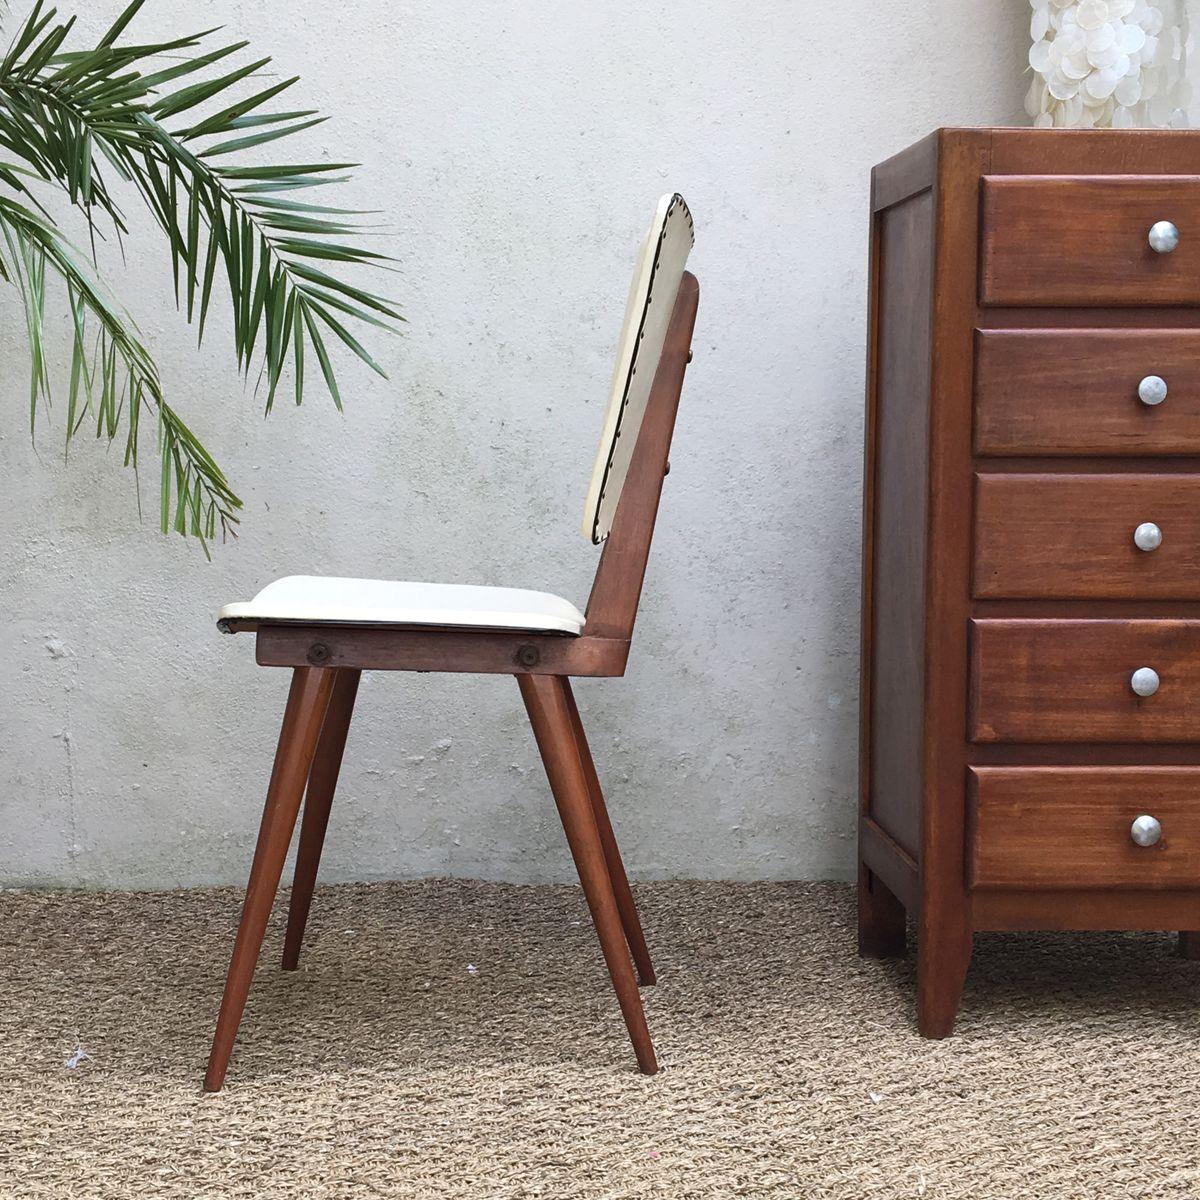 chaise vintage de baumann en vente sur pamono. Black Bedroom Furniture Sets. Home Design Ideas